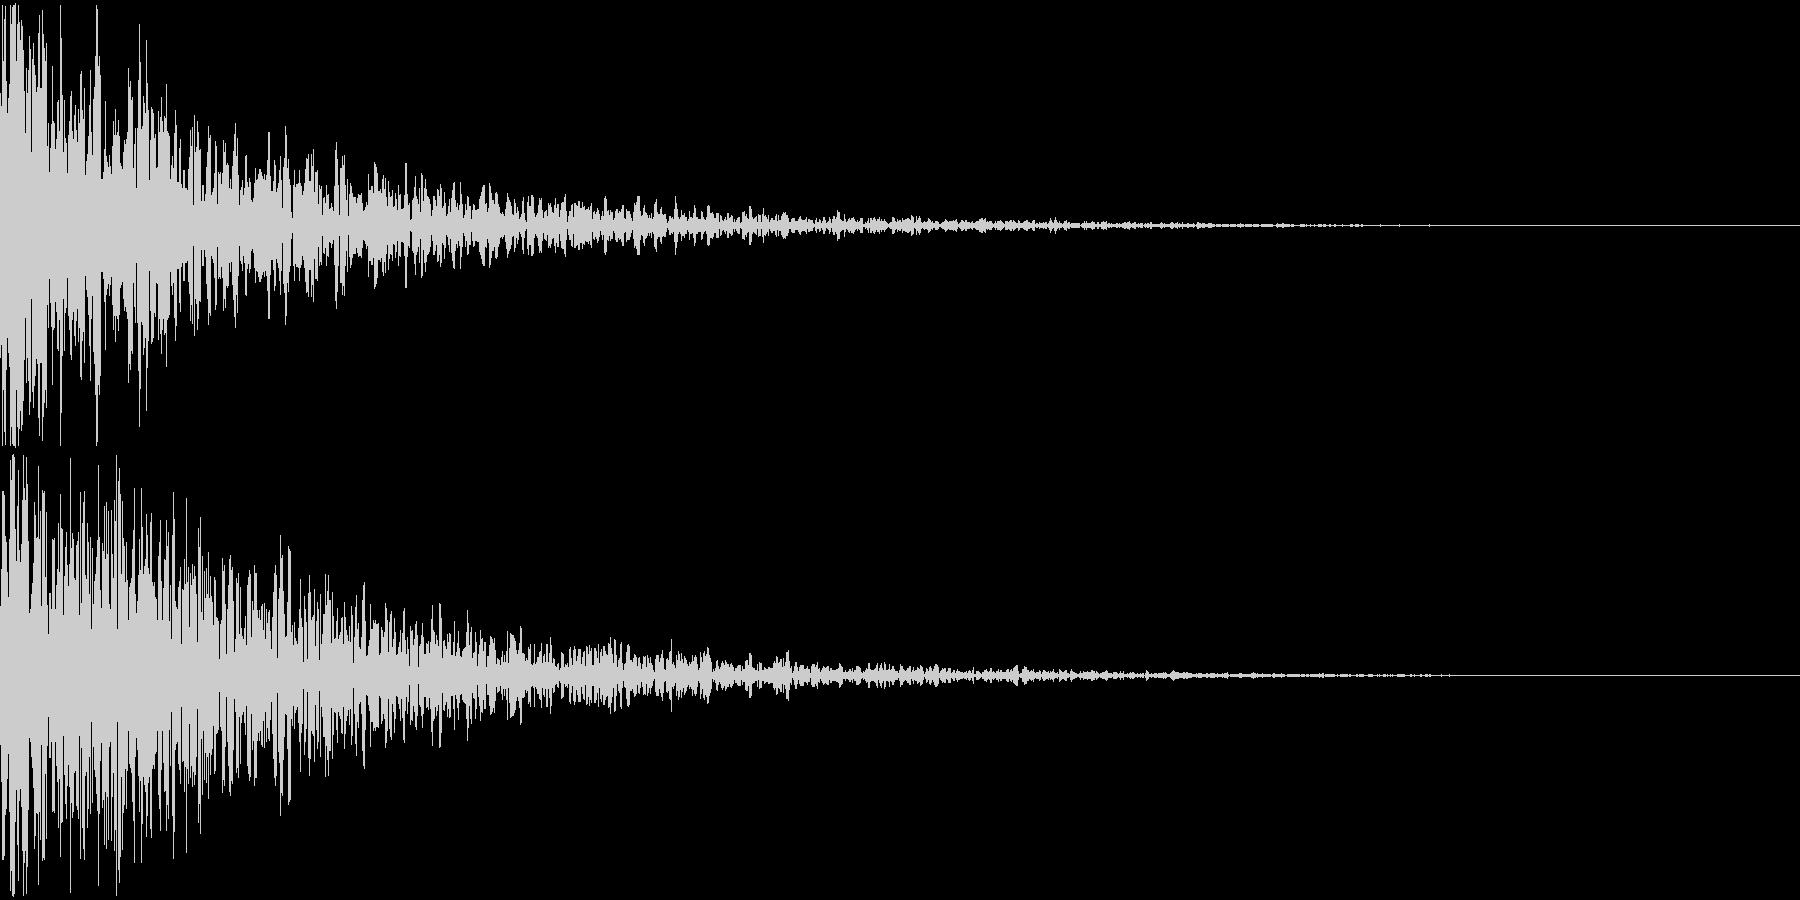 ドーン-11-2(インパクト音)の未再生の波形